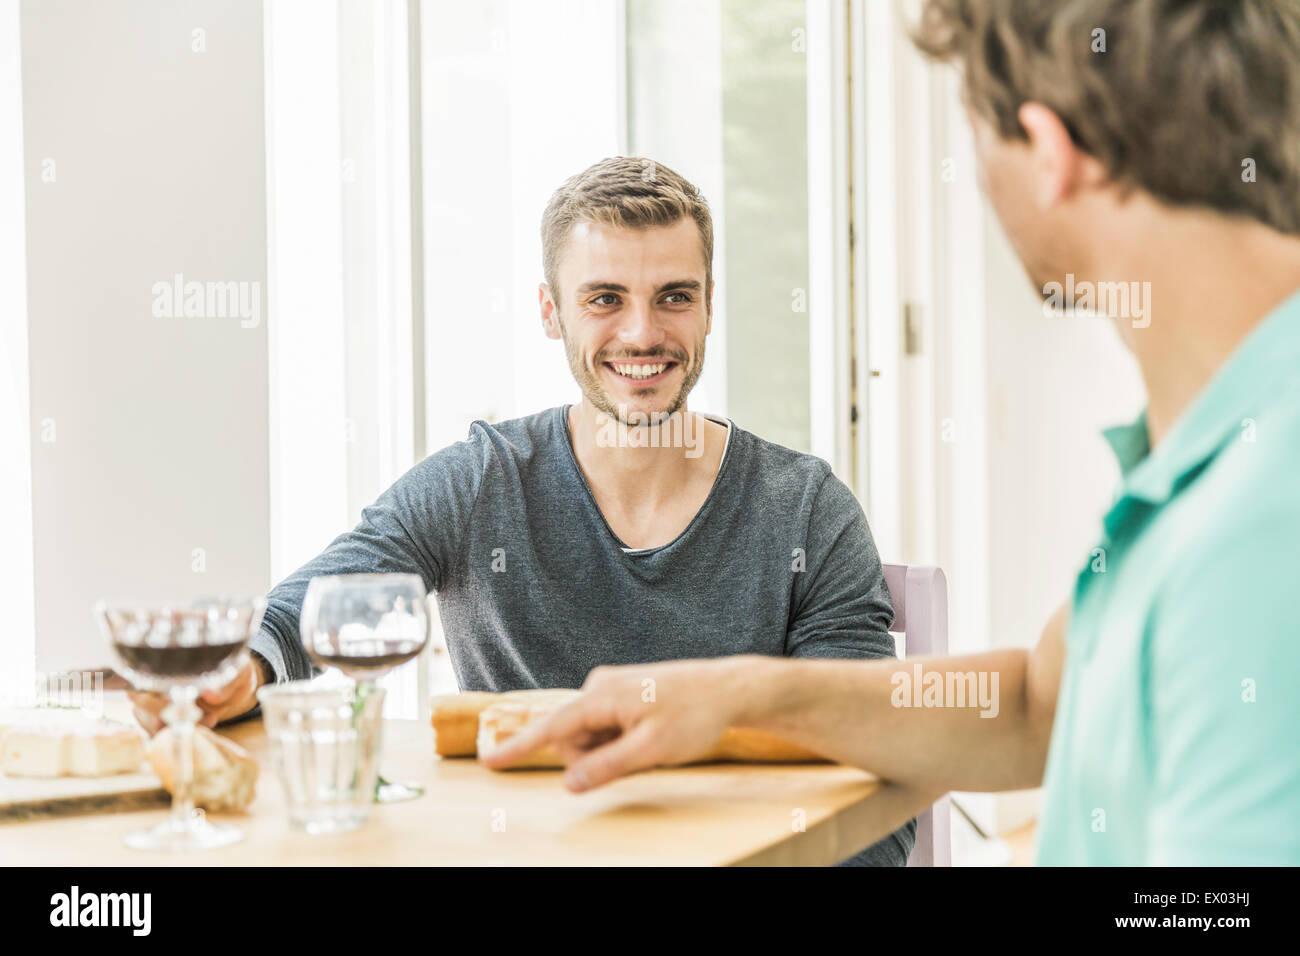 Zwei junge Männer im Chat am Tisch auf Party im Speisesaal Stockbild